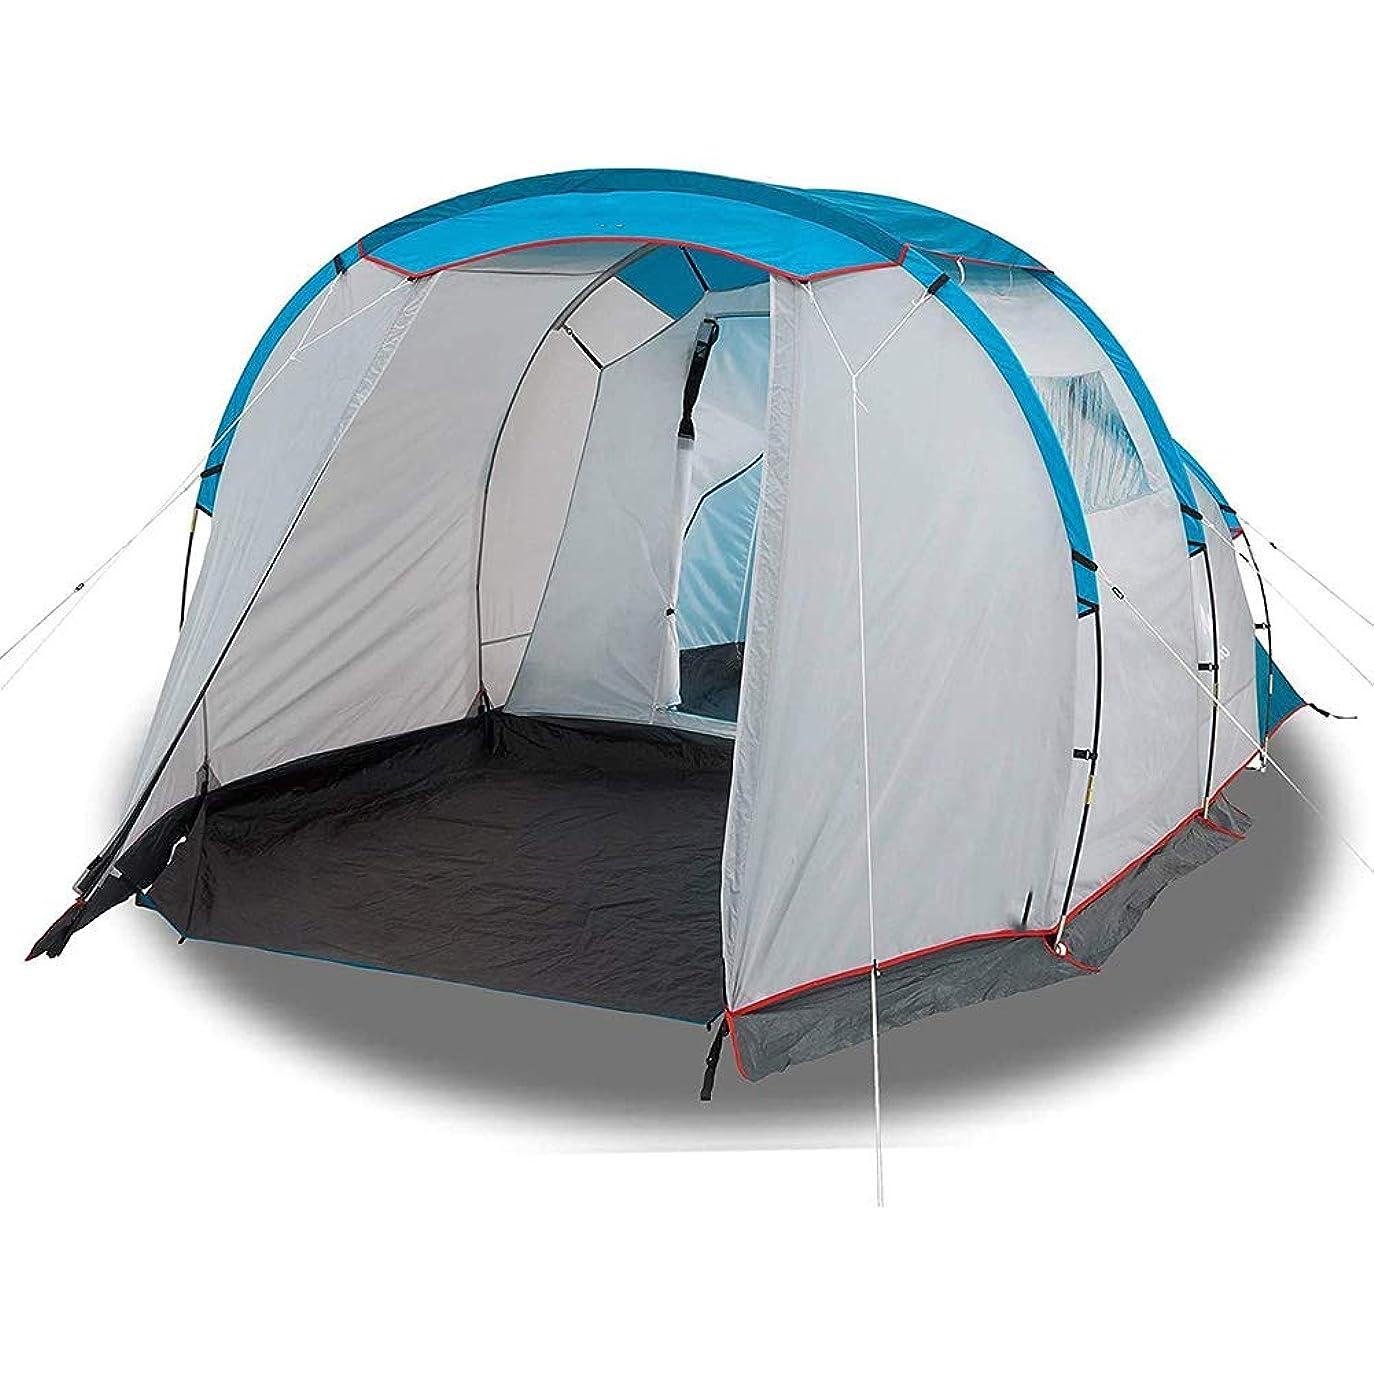 突進アーネストシャクルトン配管工キャンプテントポータブルキャンプテントピクニック釣りハイキングキャノピー、屋外ガーデンキャンプ用キャンプドームテント